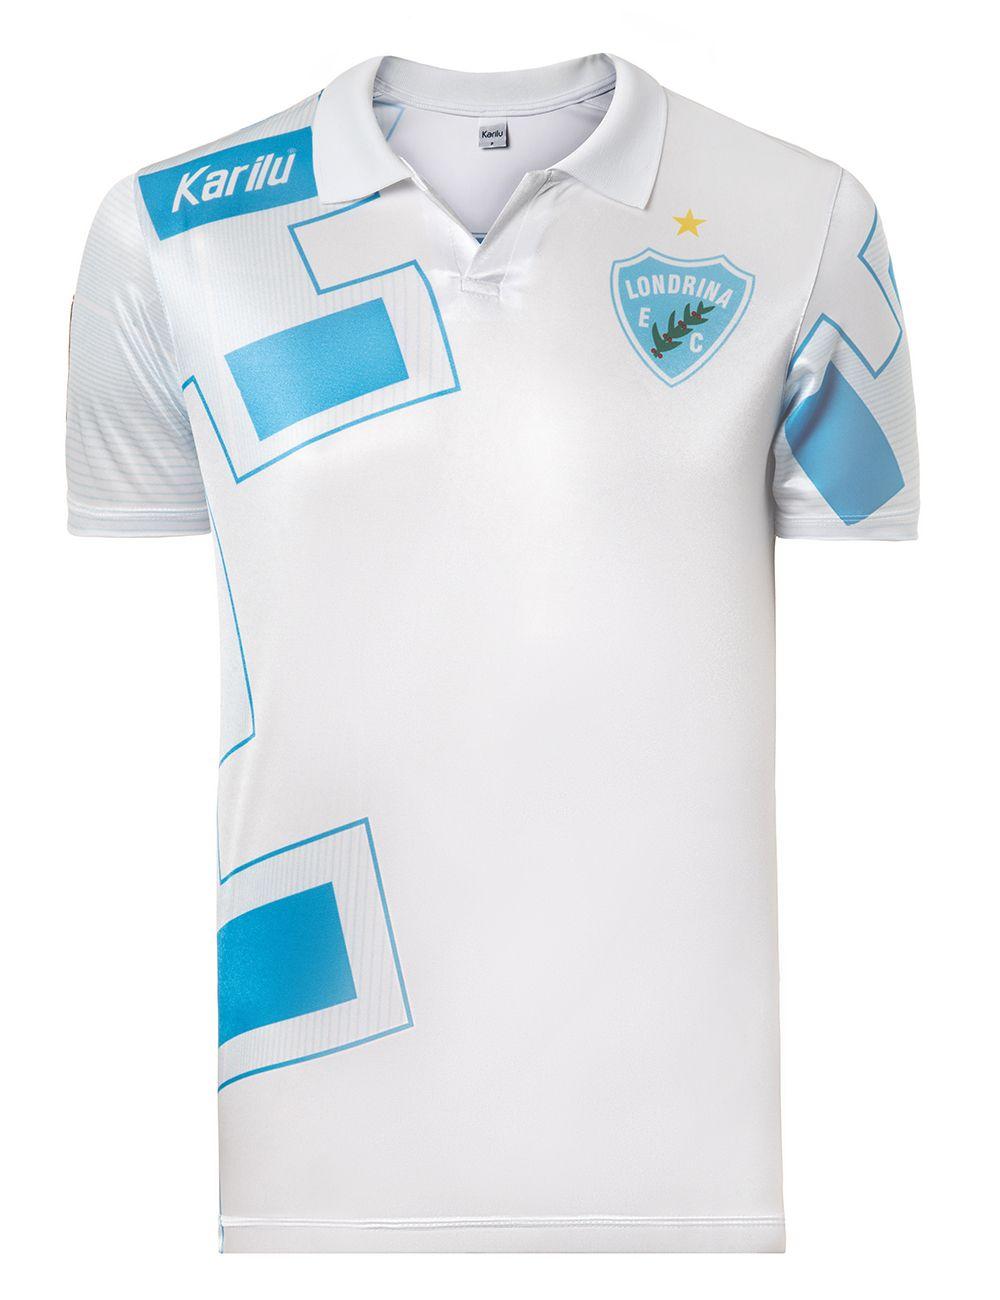 18055bd71 Camisa Retrô do Londrina - 1992 - Modelo branco na Karilu